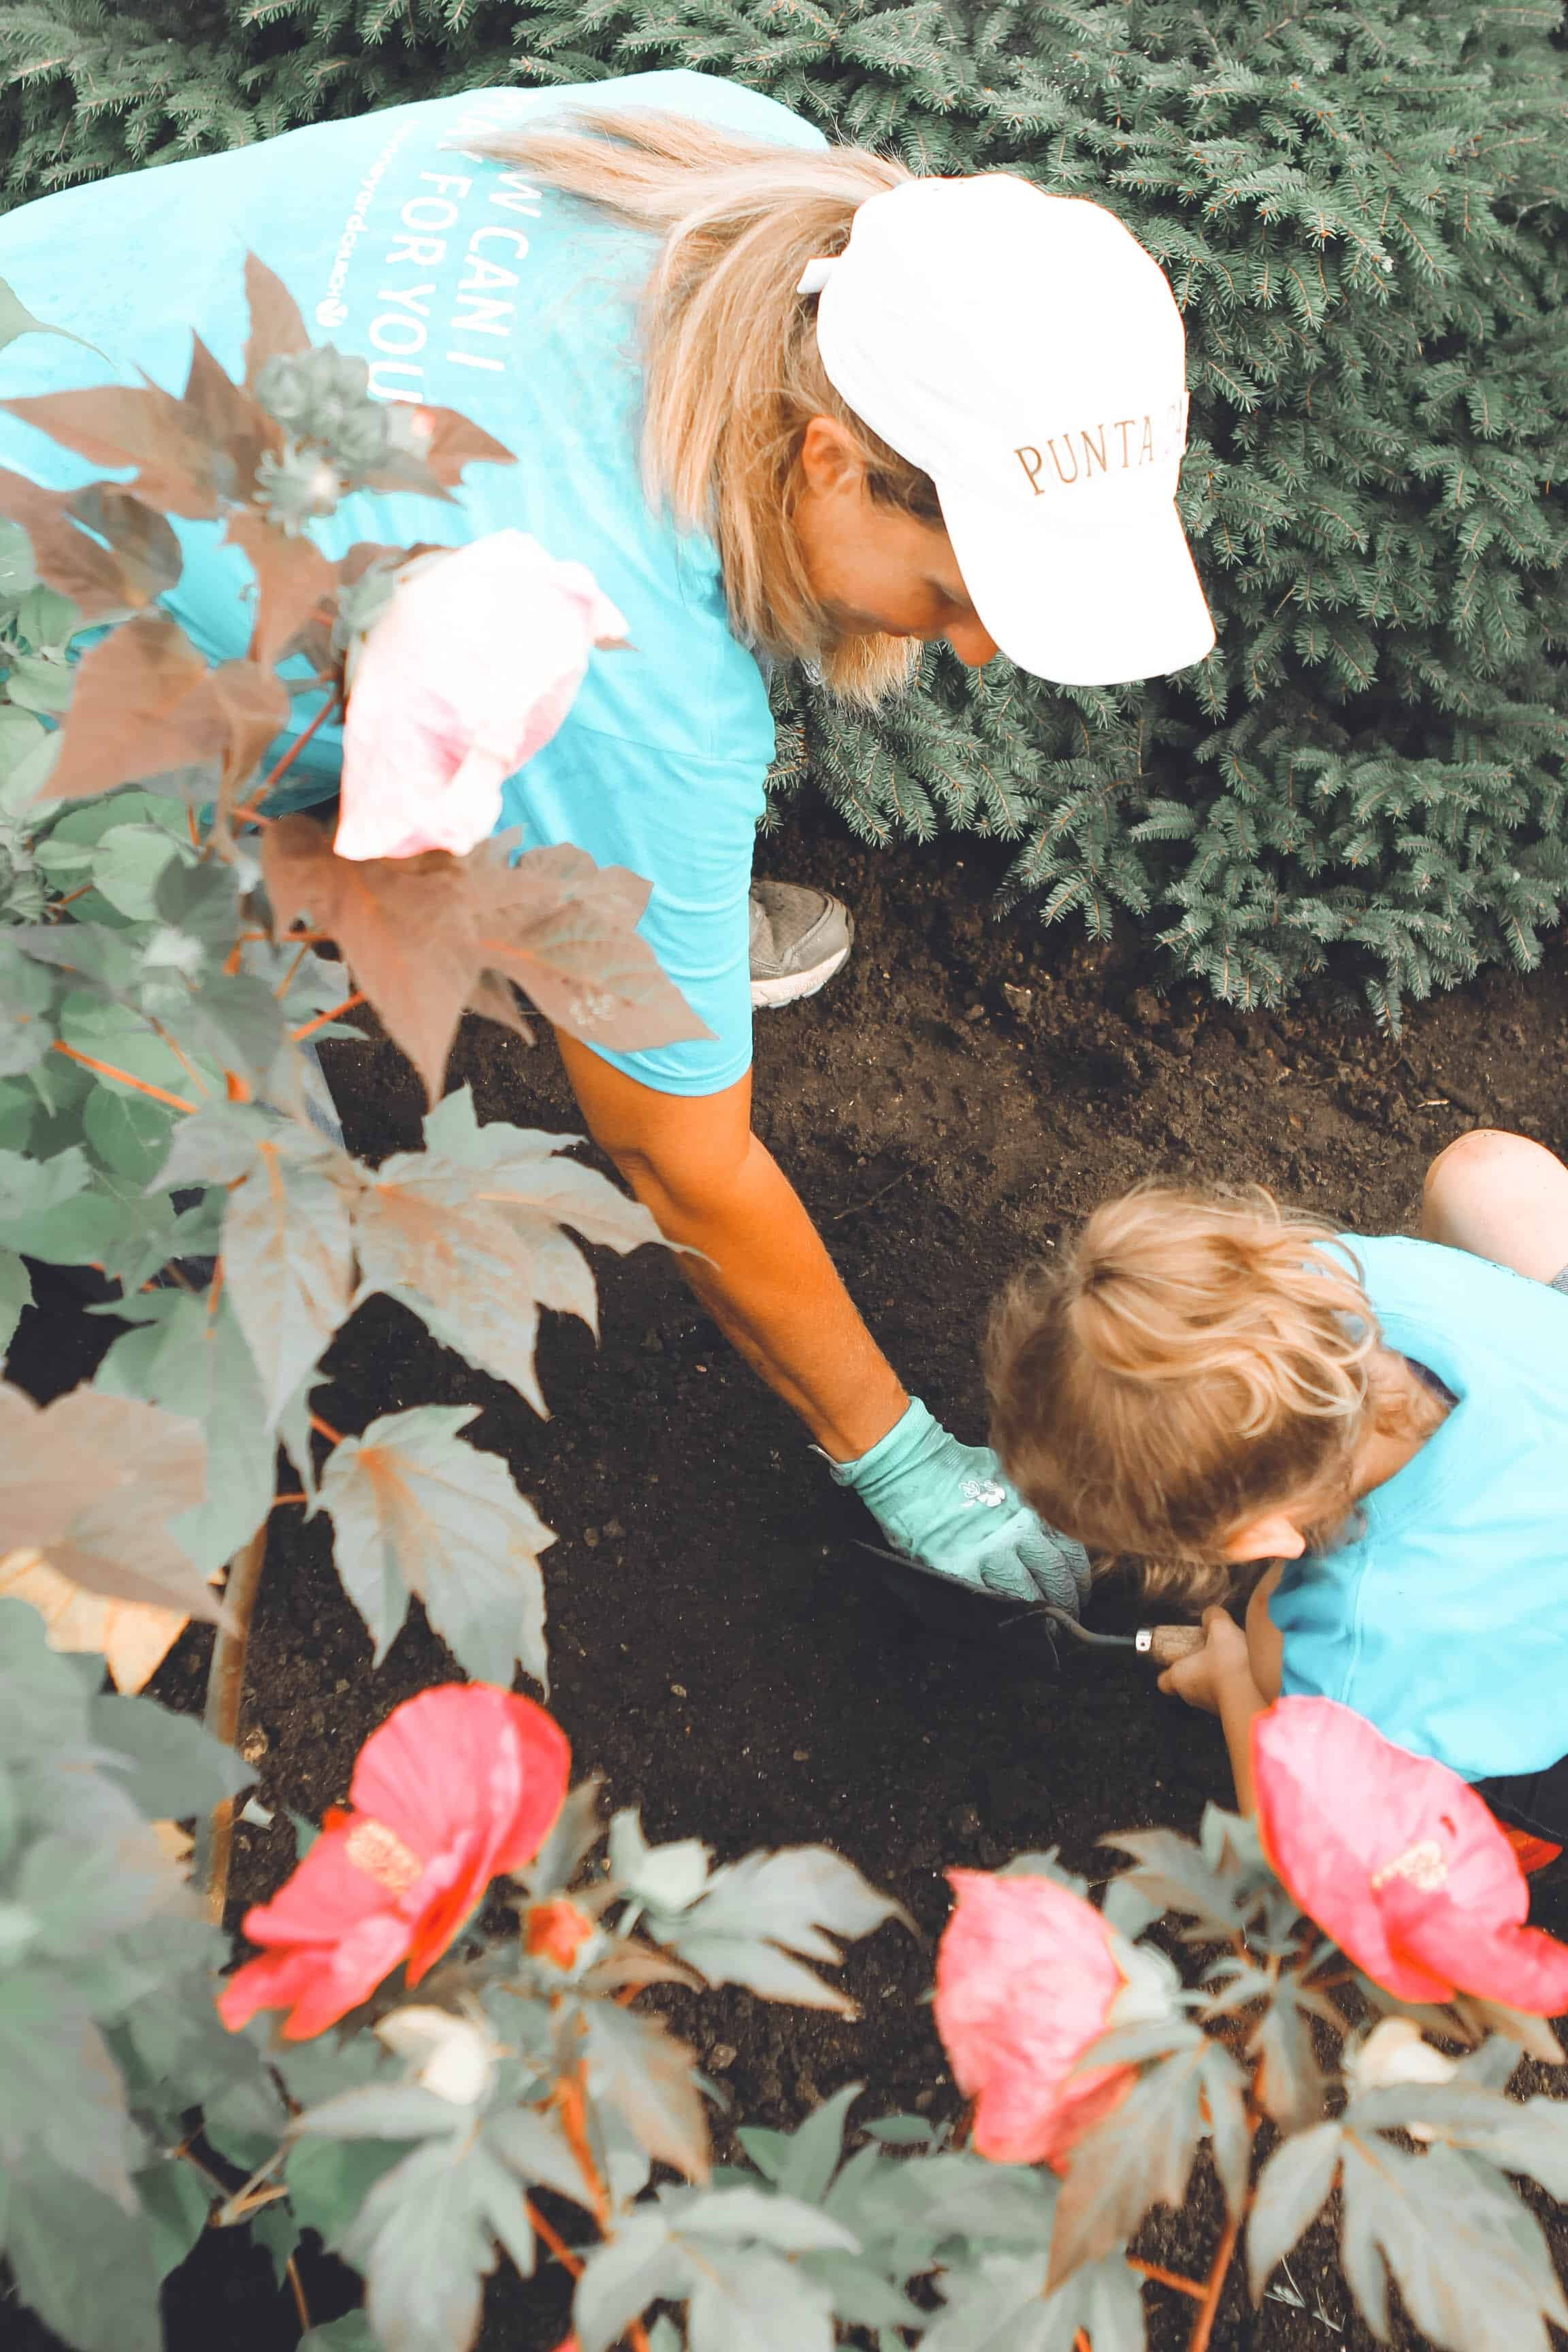 Gardening with kids #garden #gardening #backyardGarden #kids #kidsActivities